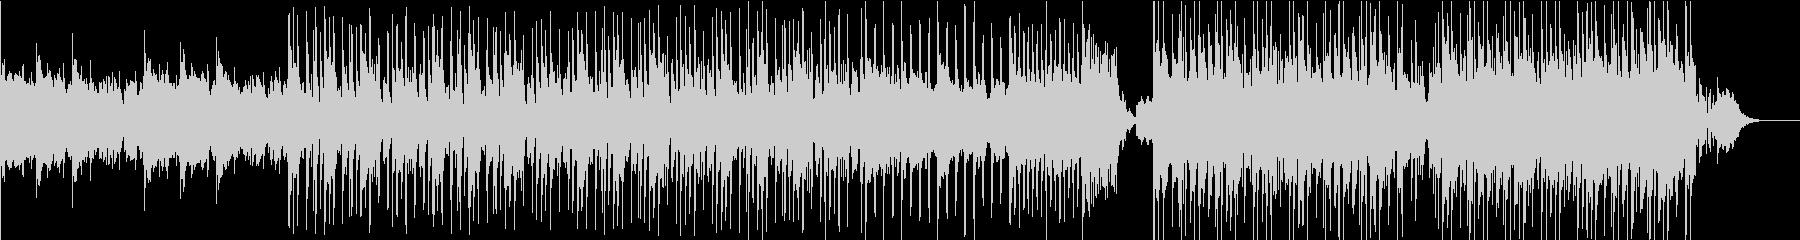 しっとりとしたスラップハウス(声入り)の未再生の波形